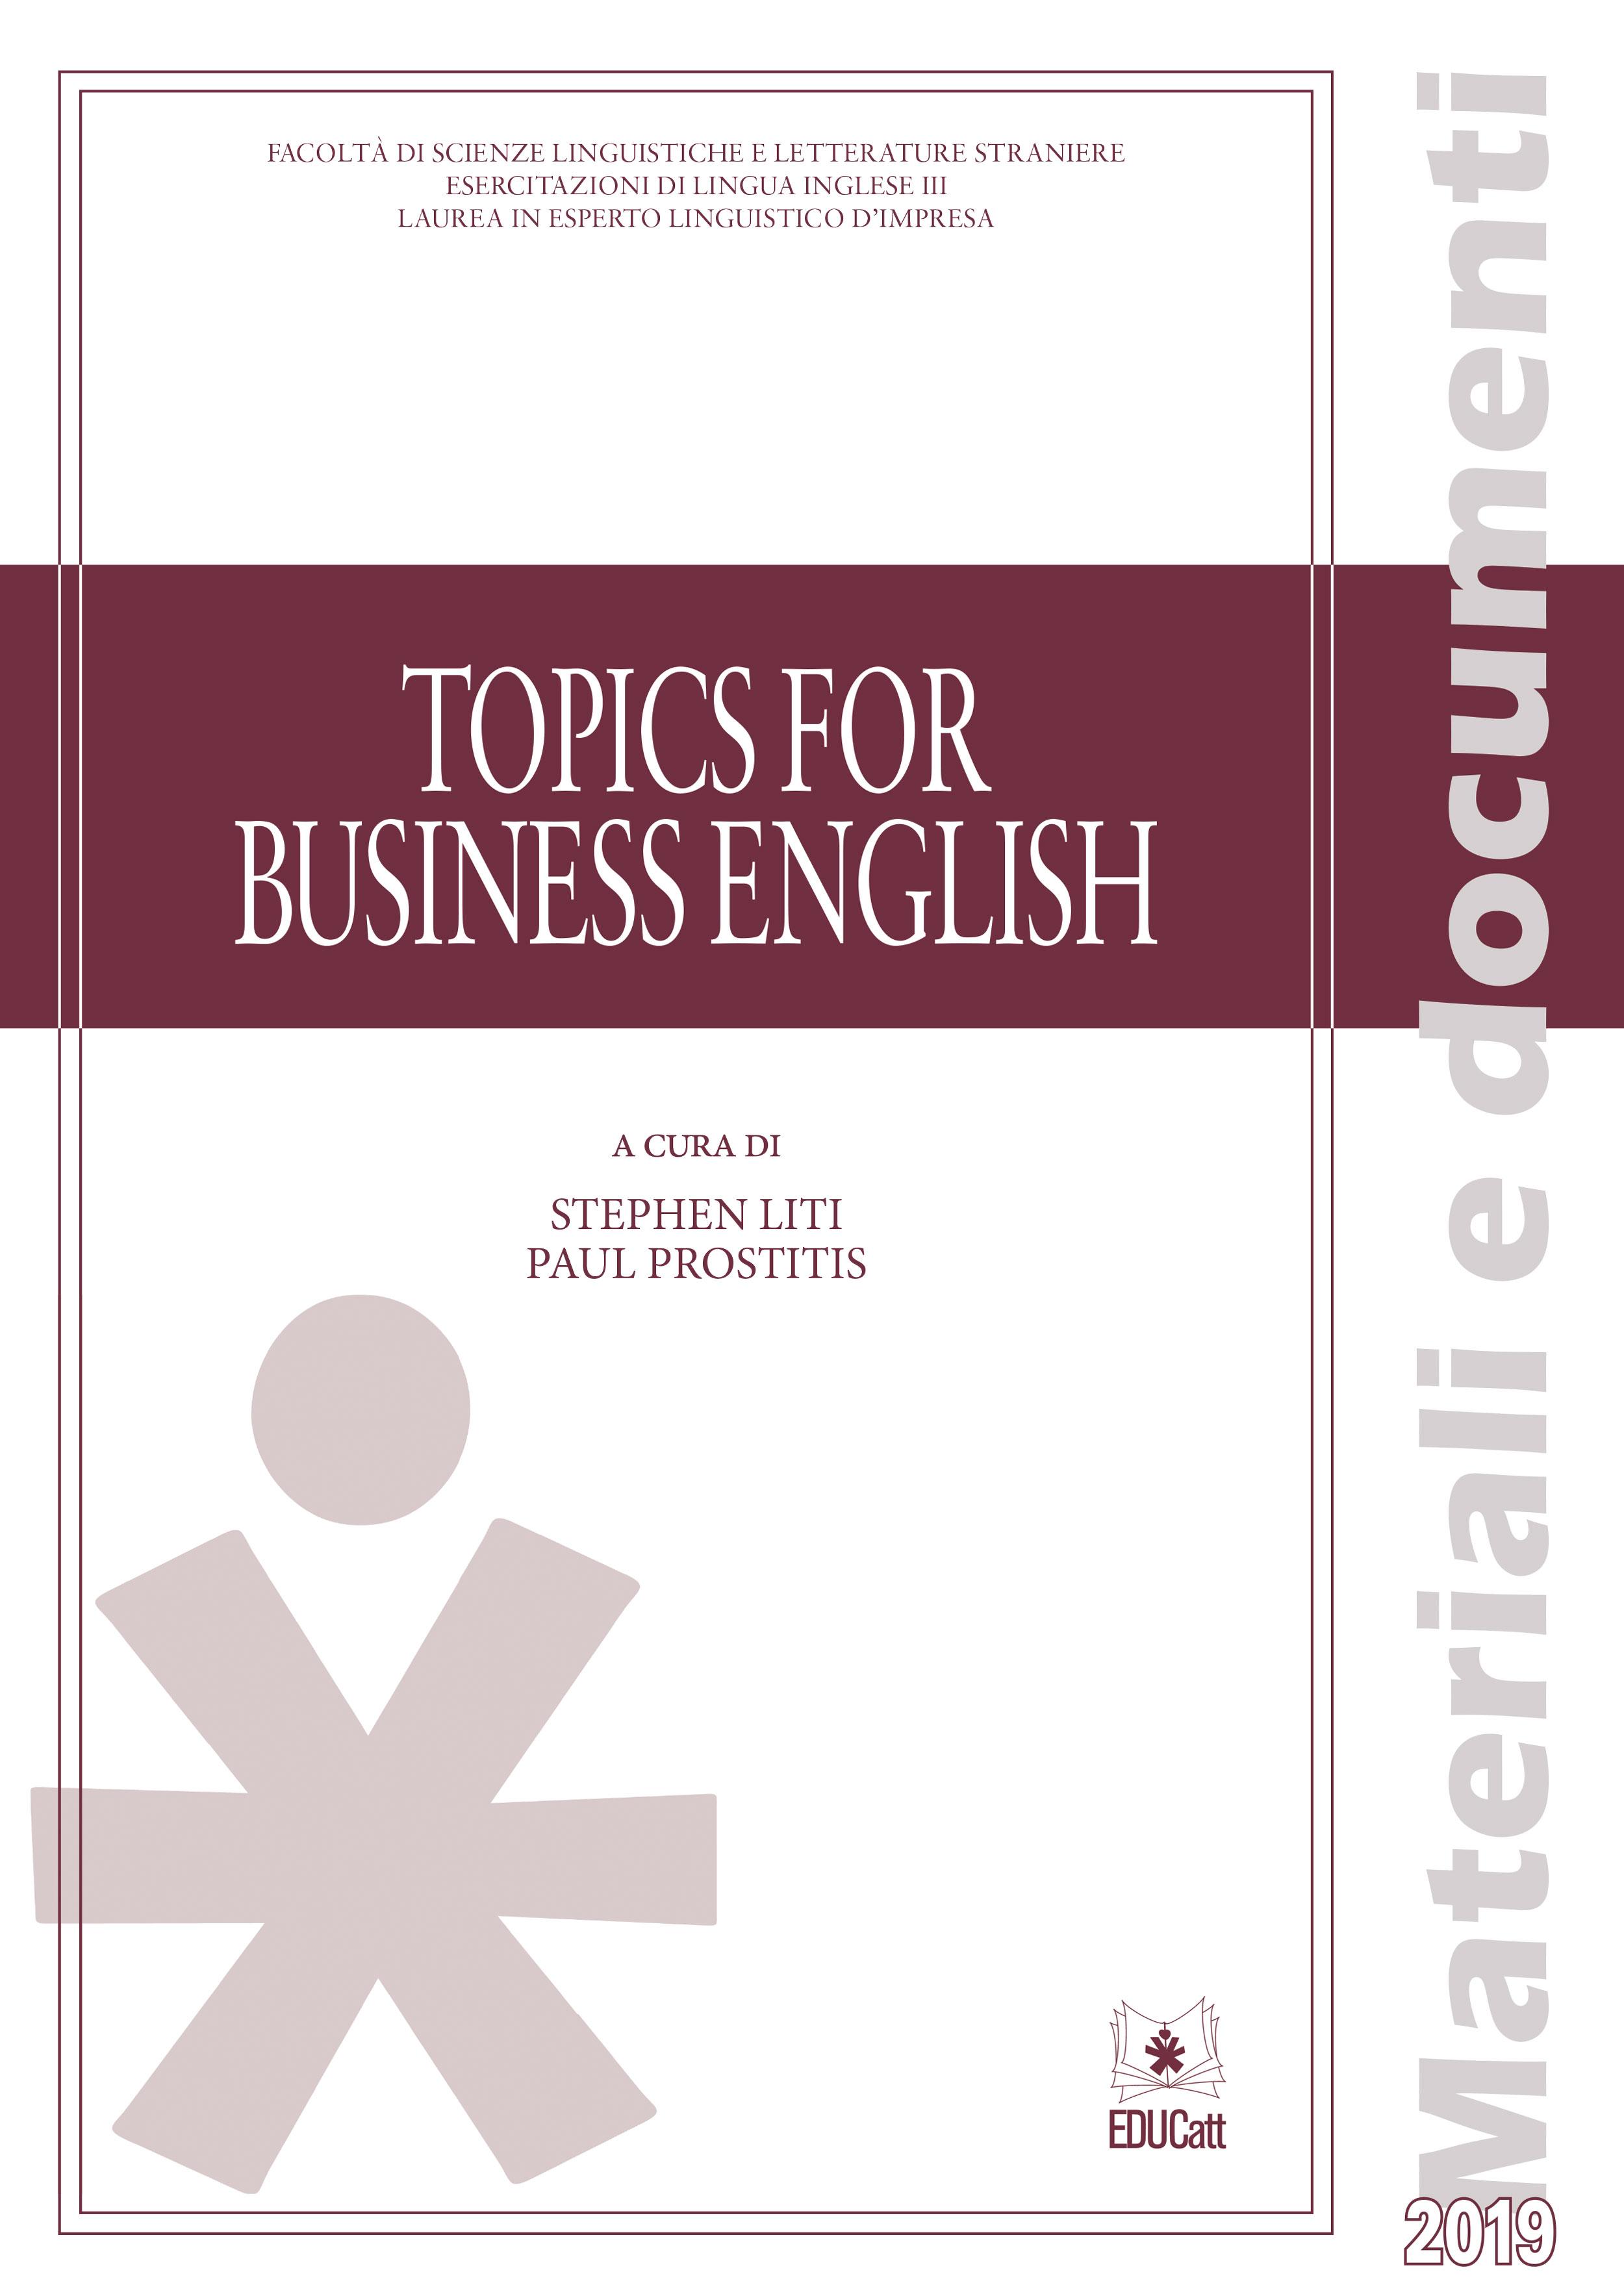 Topics for business english. Lingua inglese III, E.L.I.